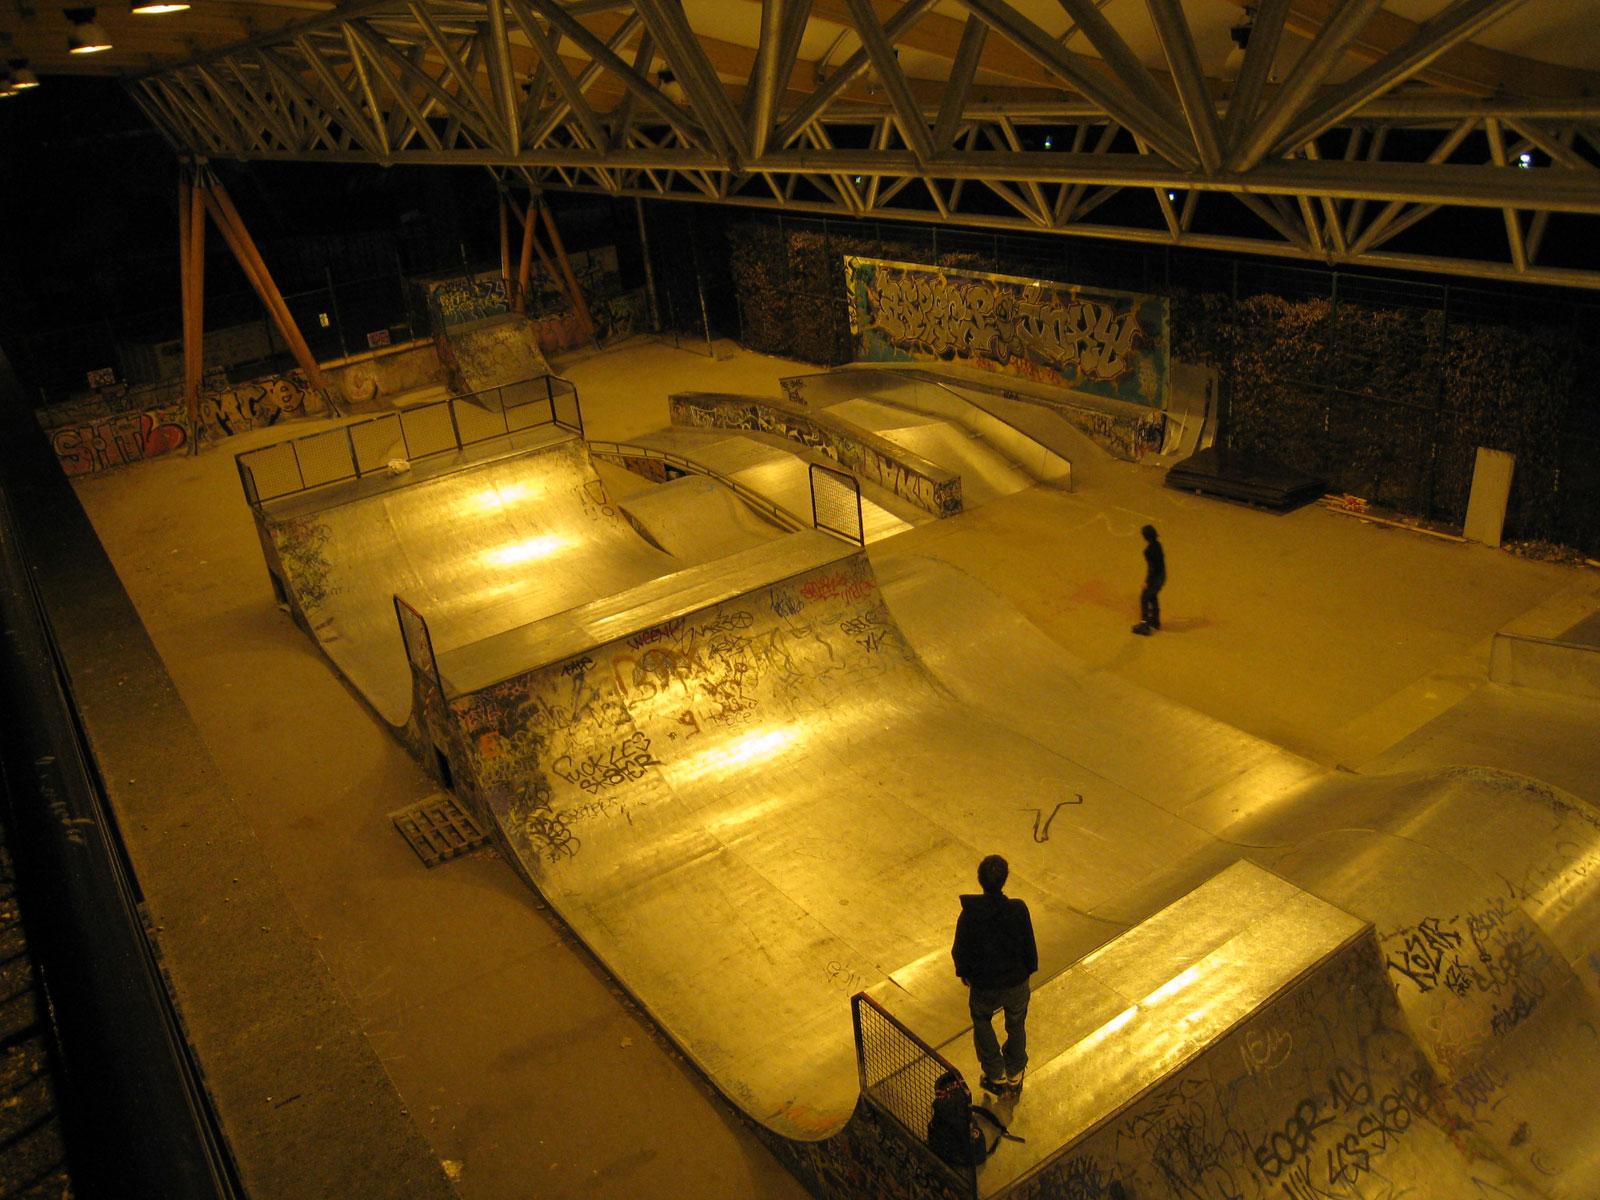 Skate park de bercy 2008-01-21-skatepark-bercy-4